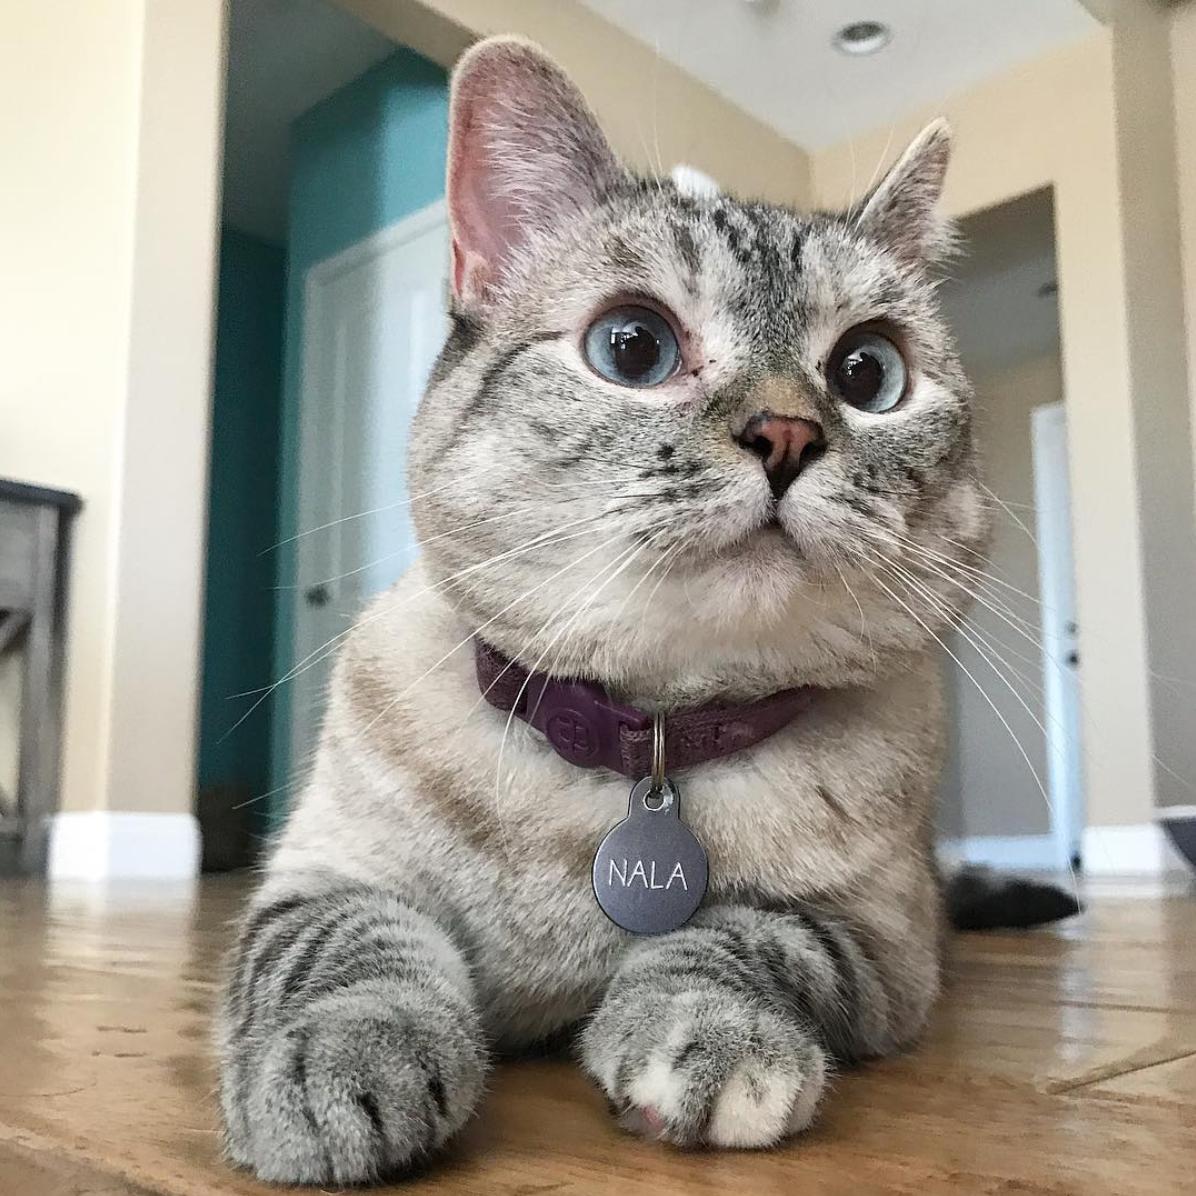 более тонкий кошка нала фото ввиду, что